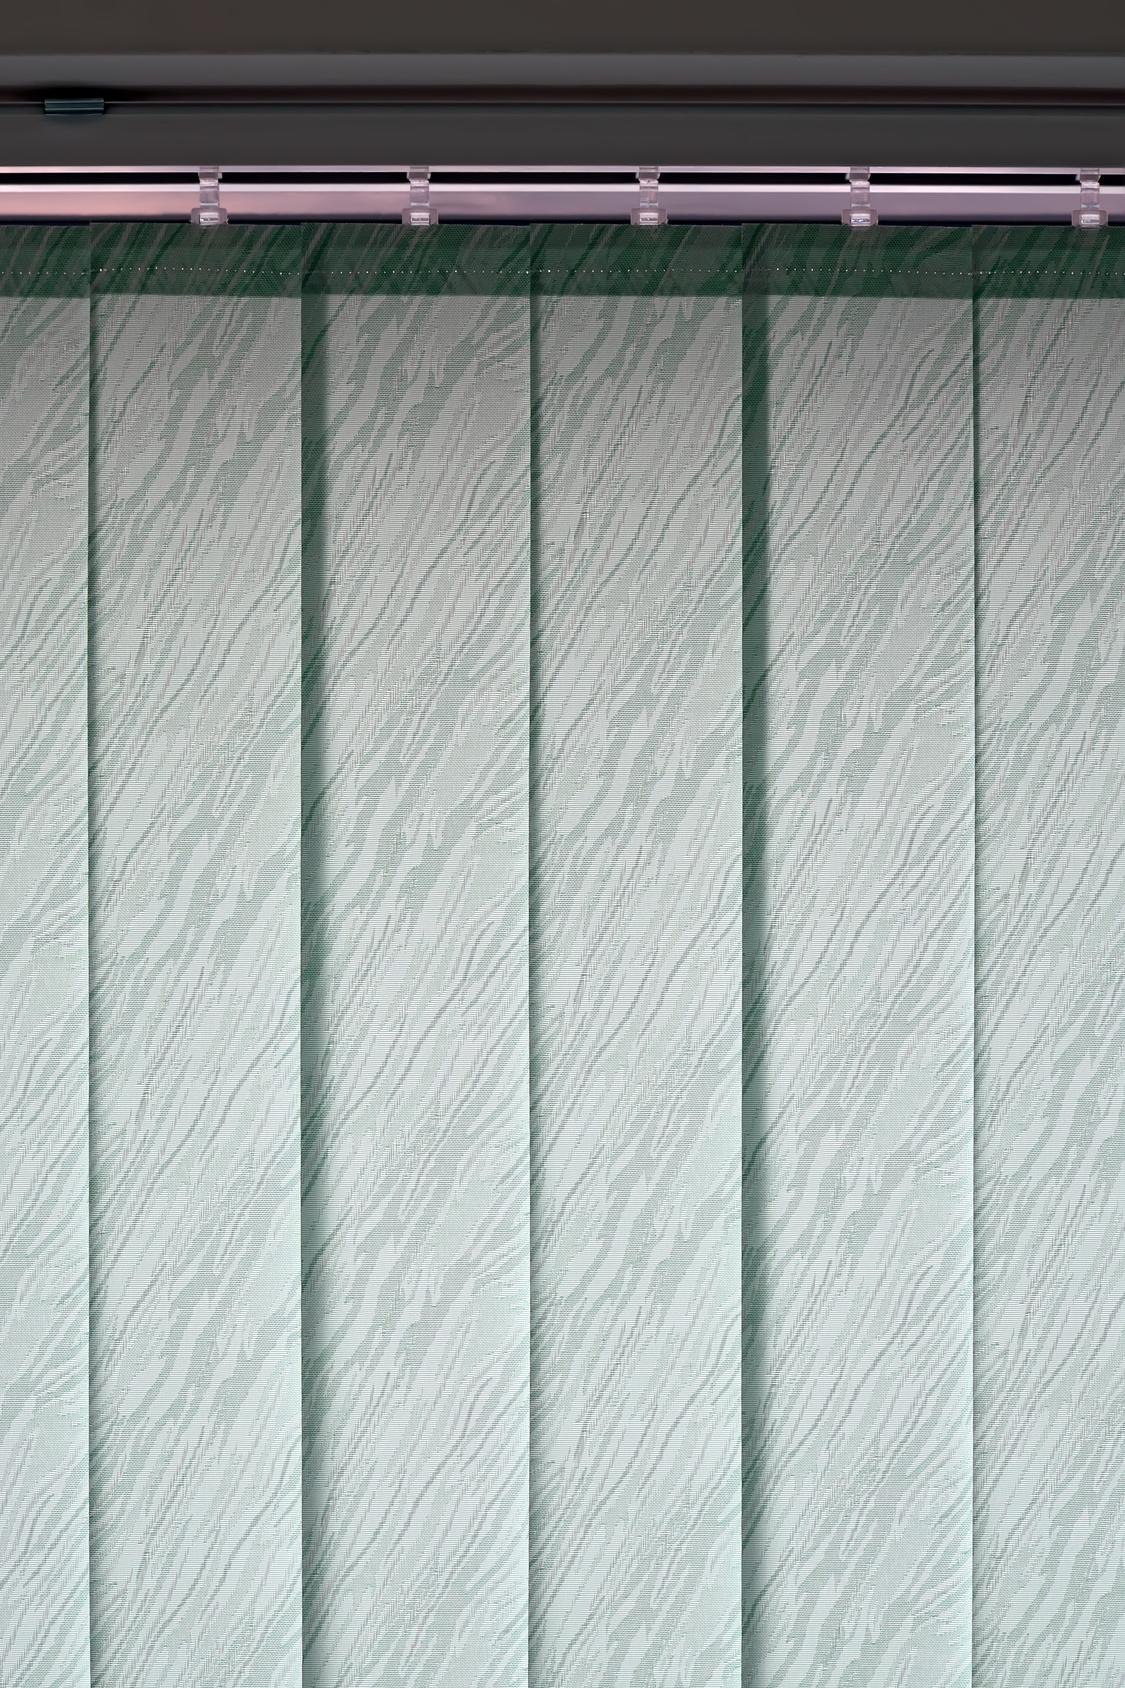 Full Size of Sichtschutz Für Fenster Vertikallamellen Individuelle Lichtwirkung In Vielen Varianten Sichtschutzfolie Einseitig Durchsichtig Tauschen Sonnenschutz Trier Fenster Sichtschutz Für Fenster